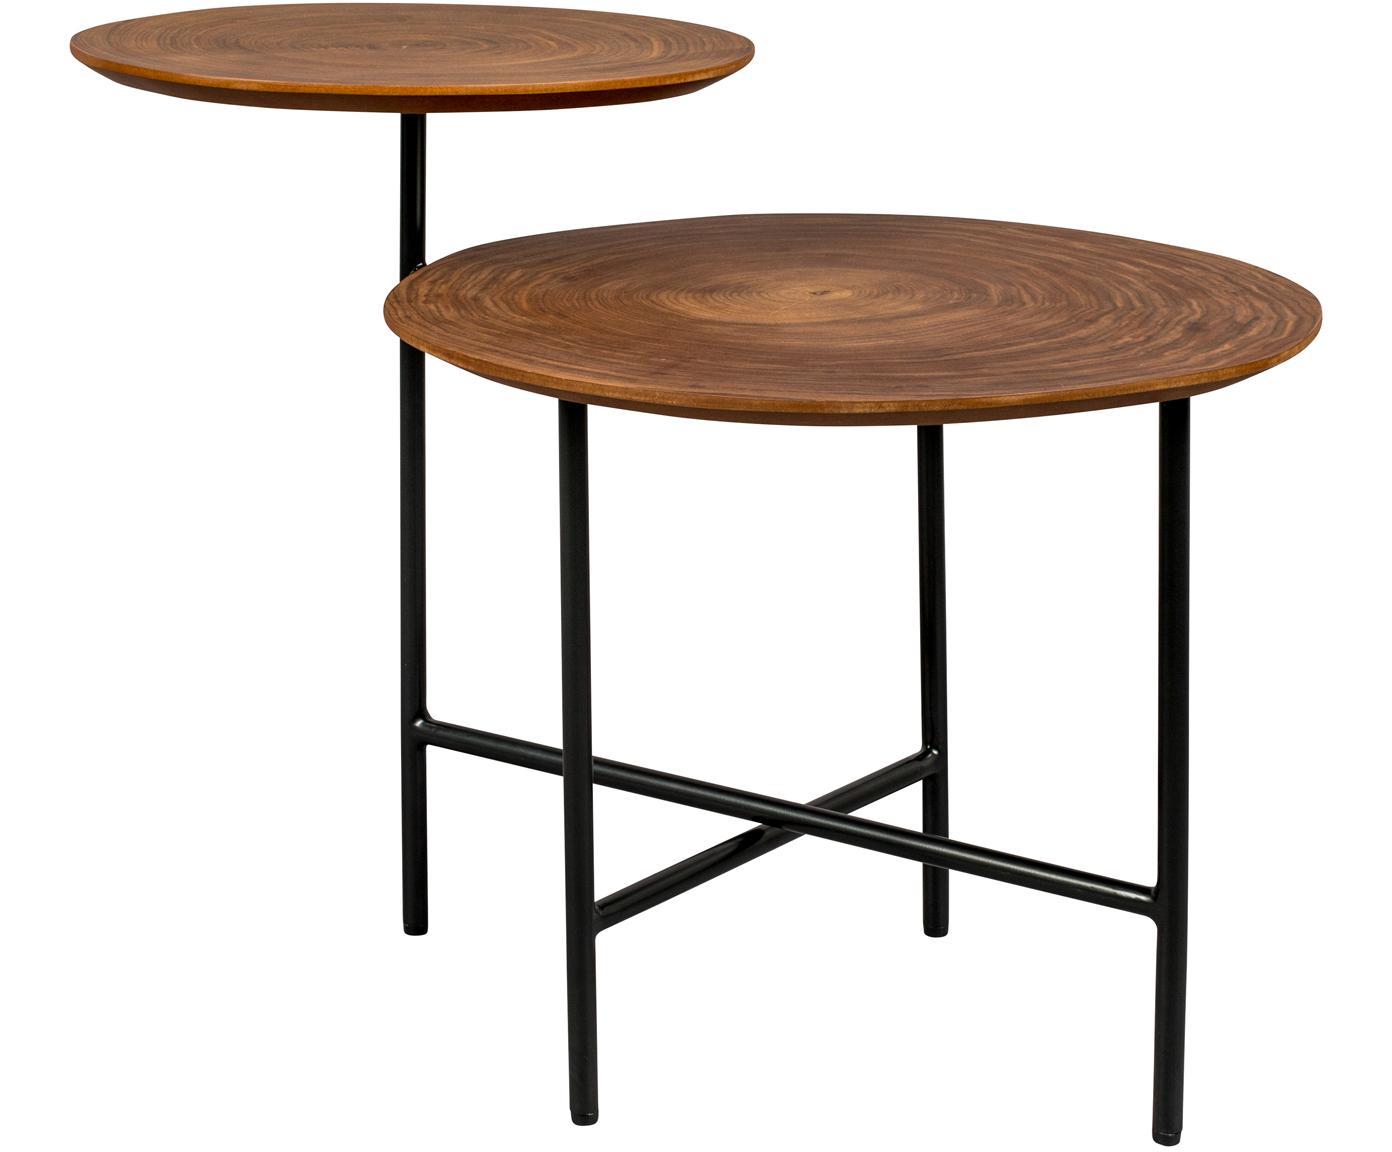 Beistelltisch Mathison mit zwei Tischplatten, Gestell: Metall, pulverbeschichtet, Schwarz, Walnuss, B 75 x T 49 cm